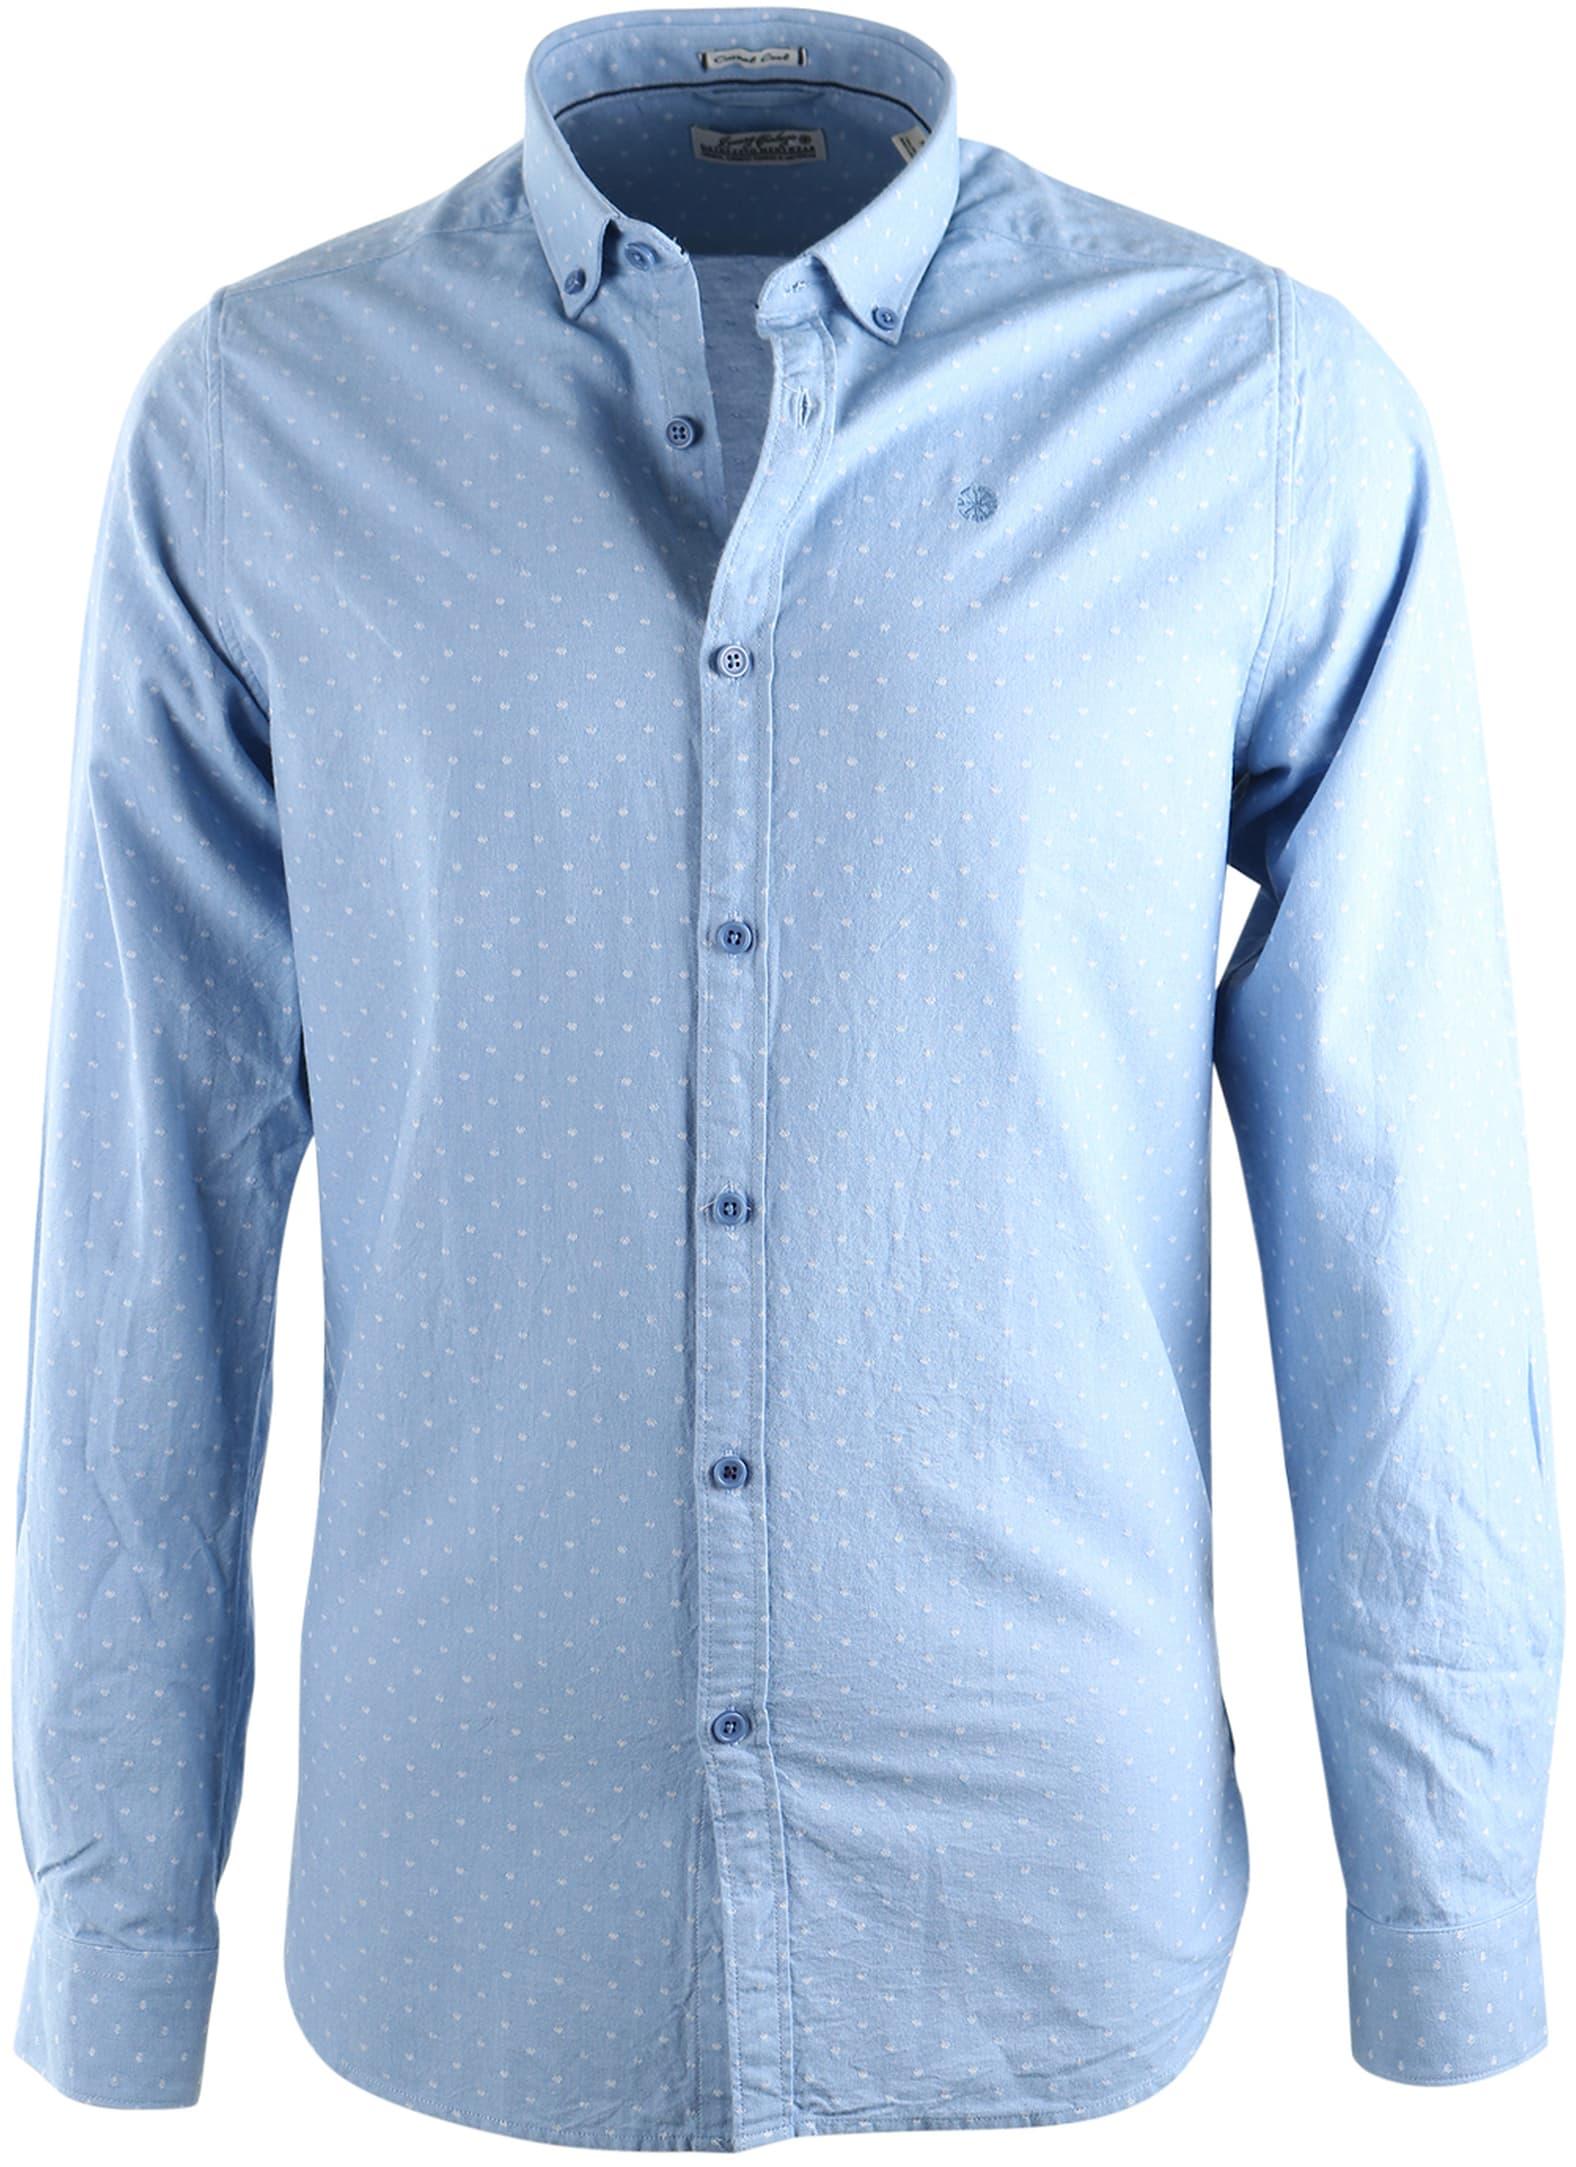 Dstrezzed Overhemd Blauwe dots foto 0